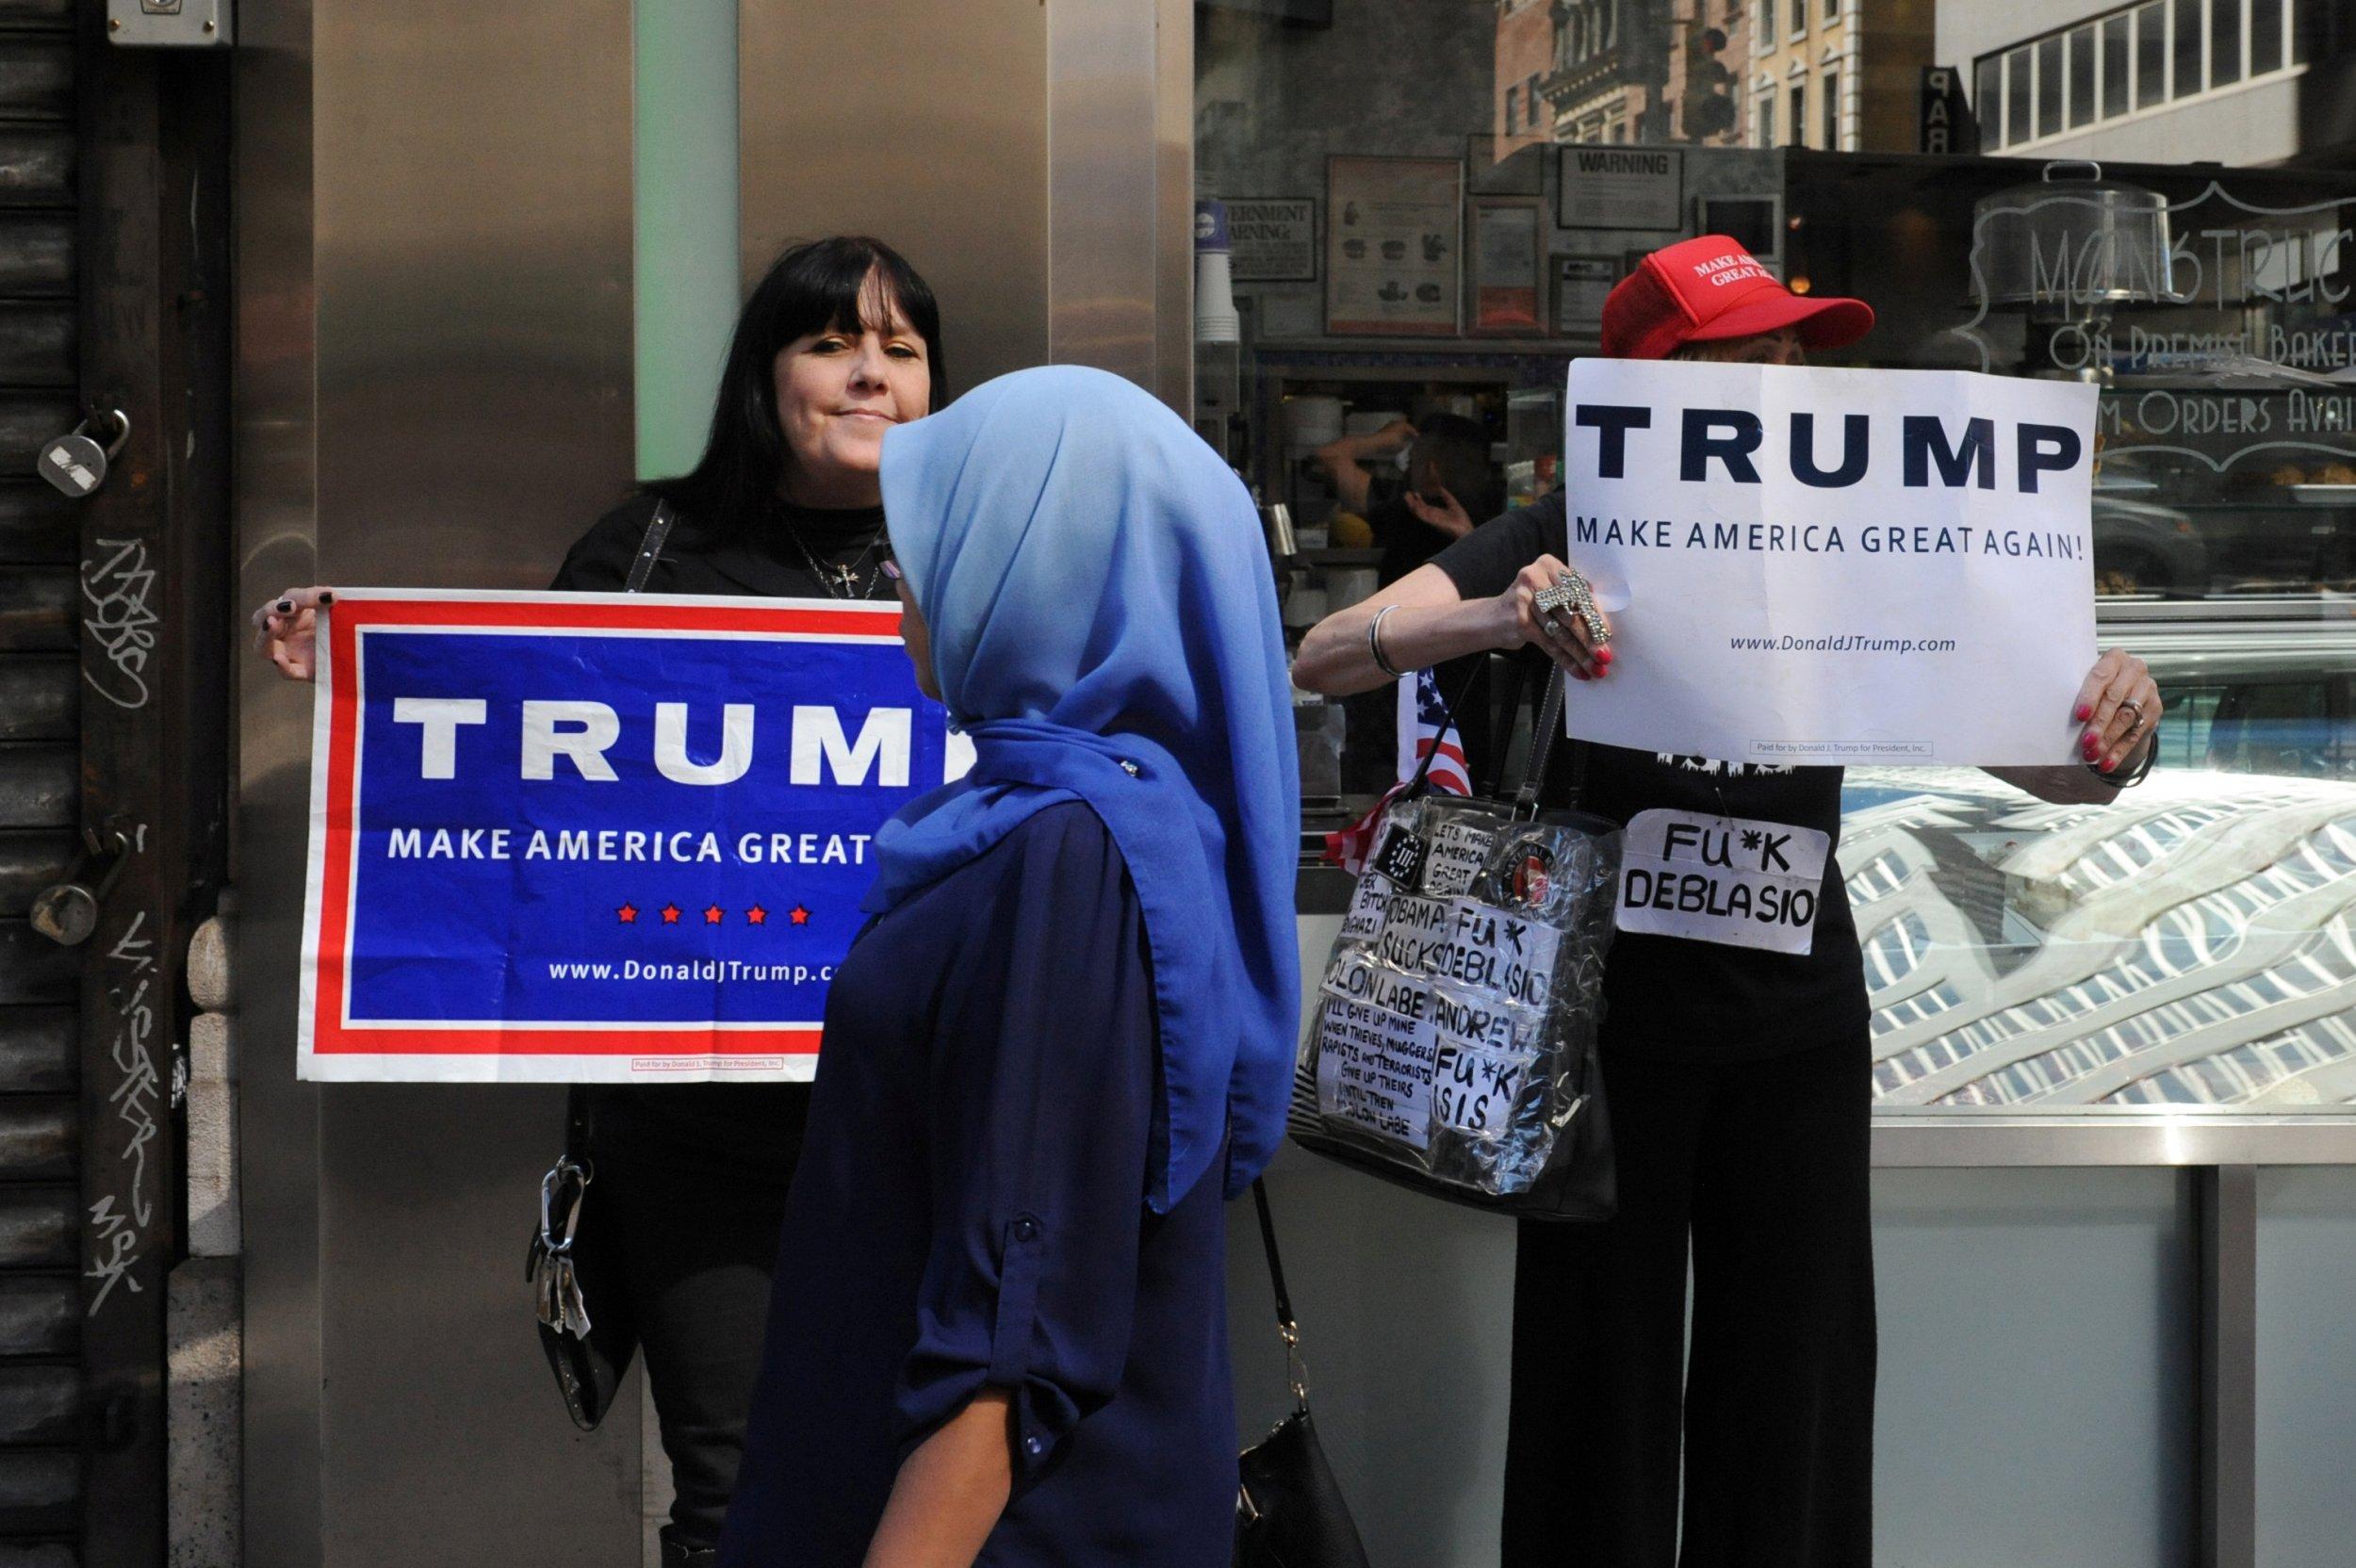 Trump's travel ban, SCOTUS decision are